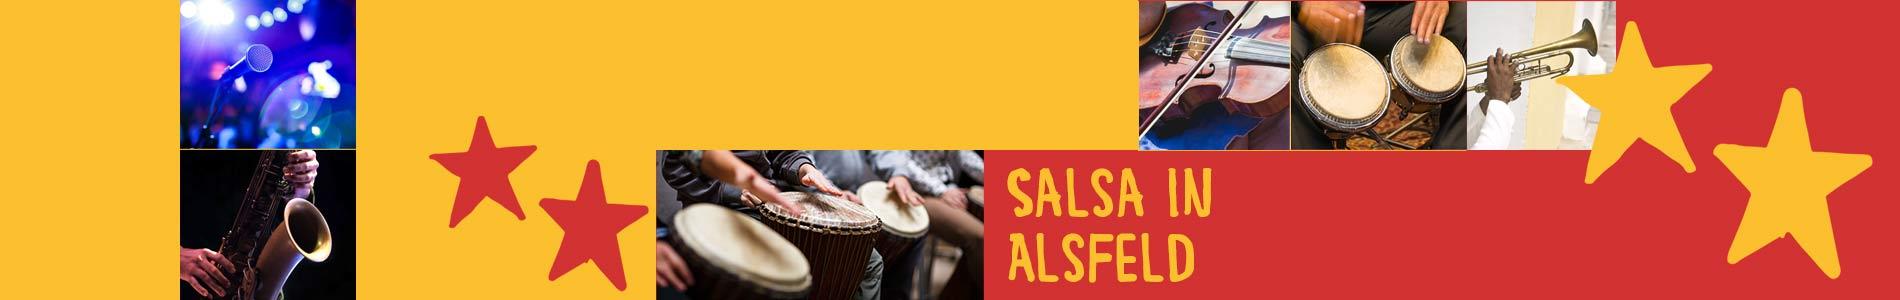 Salsa in Alsfeld – Salsa lernen und tanzen, Tanzkurse, Partys, Veranstaltungen